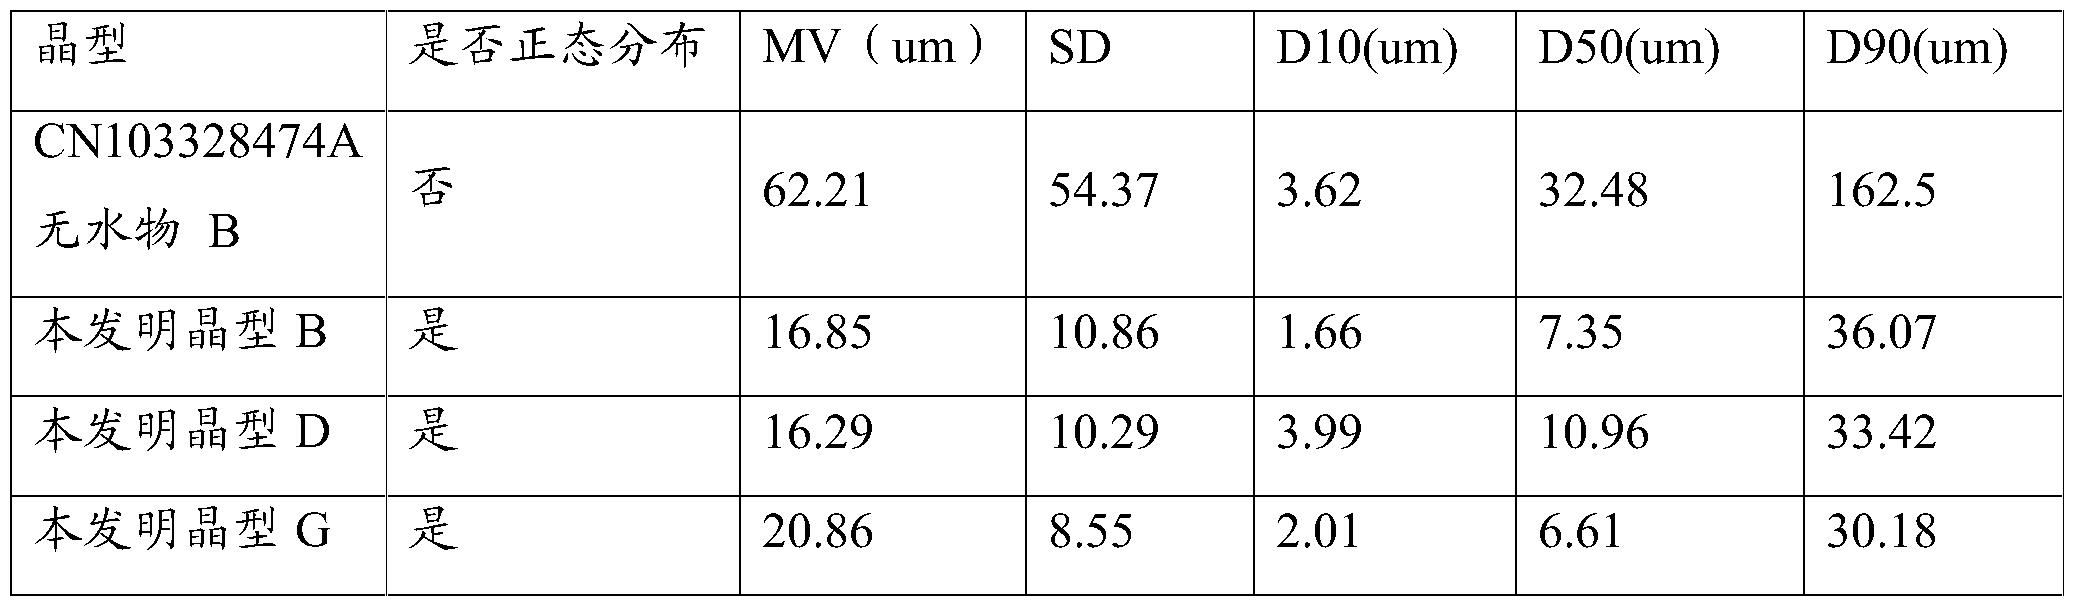 Figure PCTCN2016102022-appb-000012